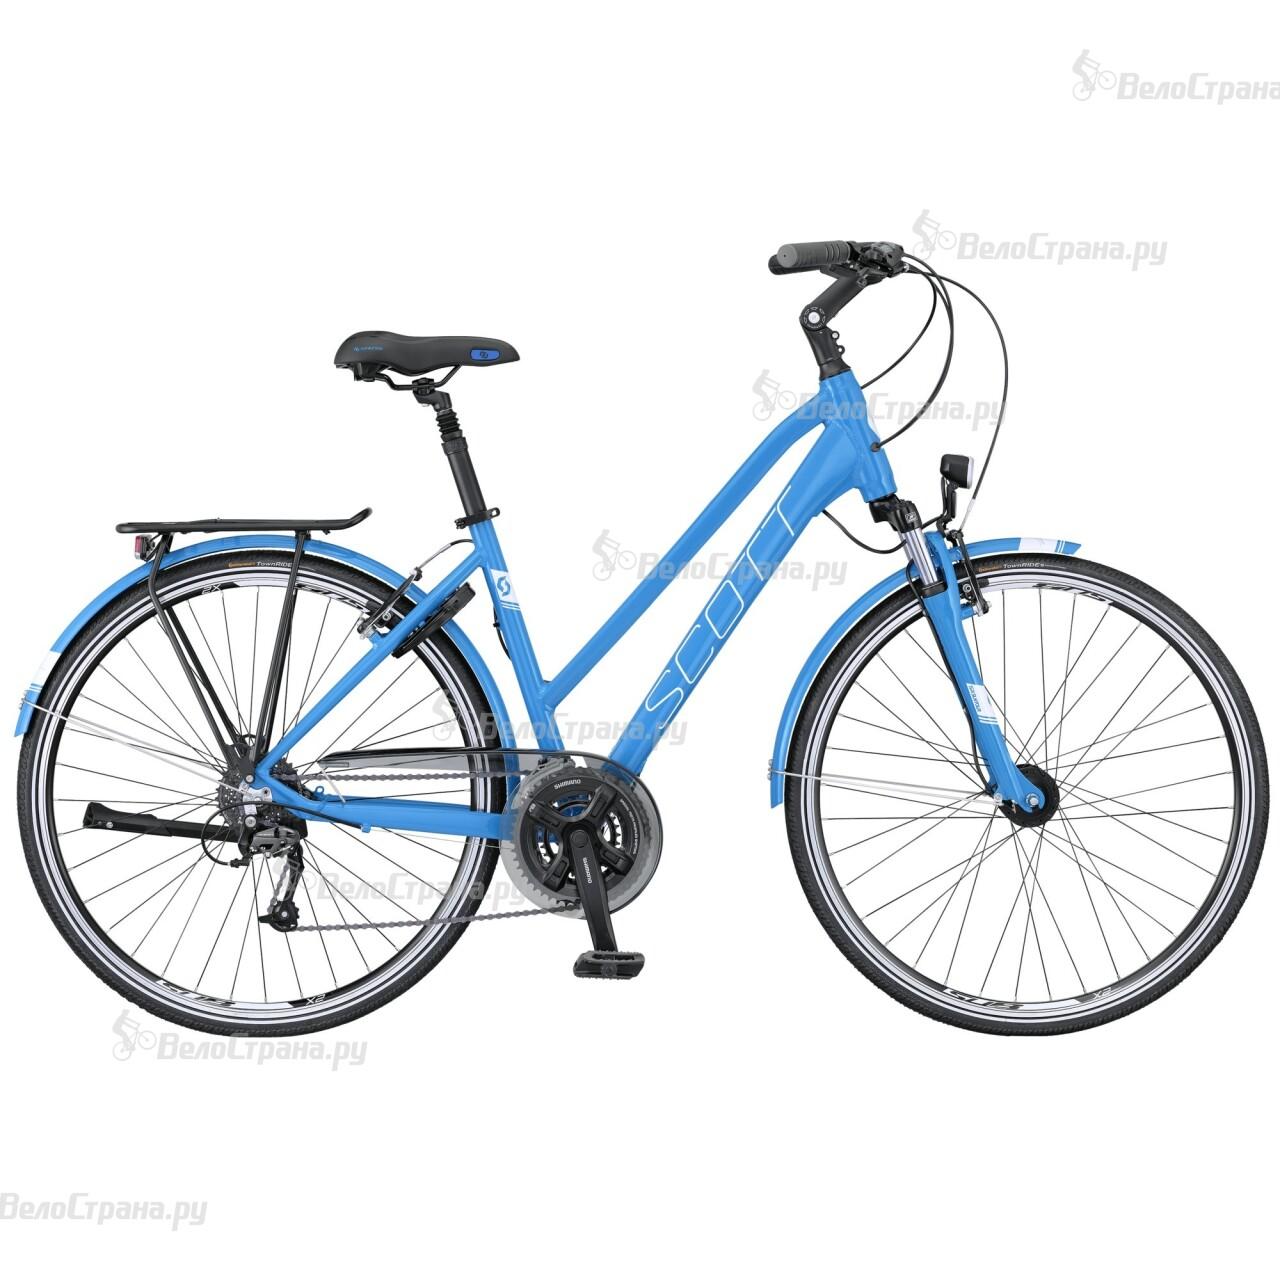 Велосипед Scott SUB Comfort 10 Lady (2016) definitive technology iw sub 10 10